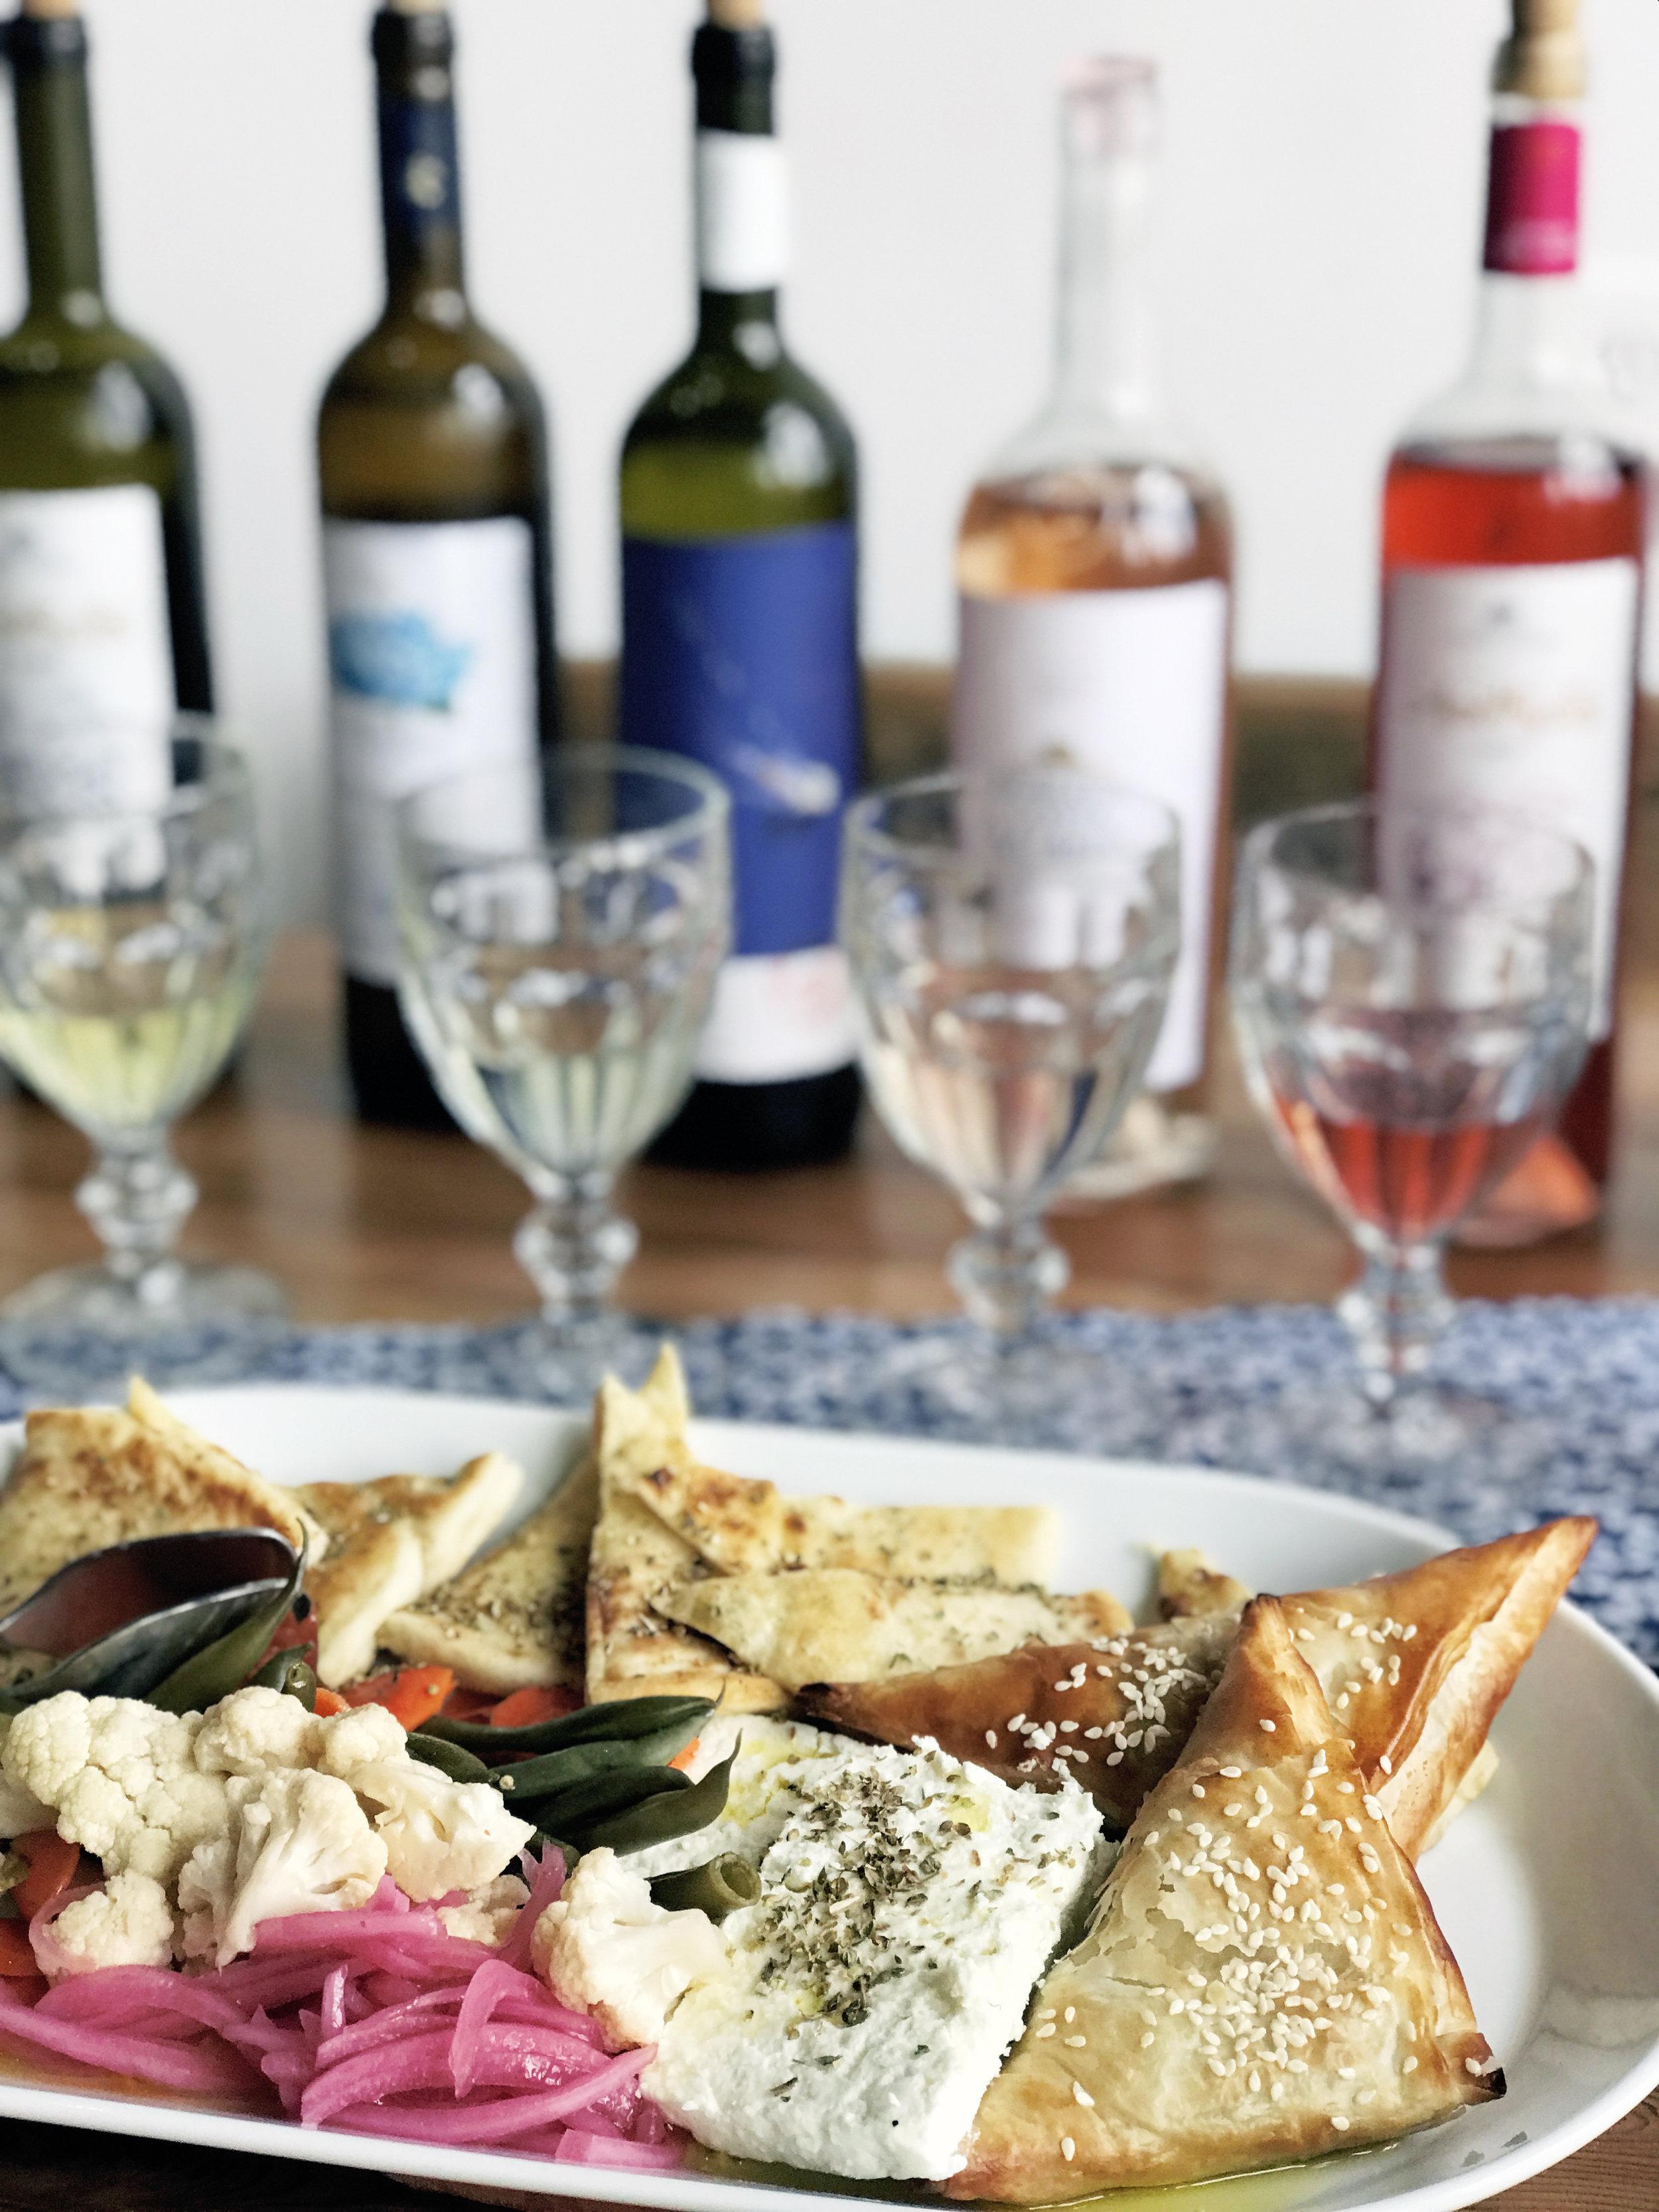 The_Naughty_Greek_Wine_Tasting_2.jpg